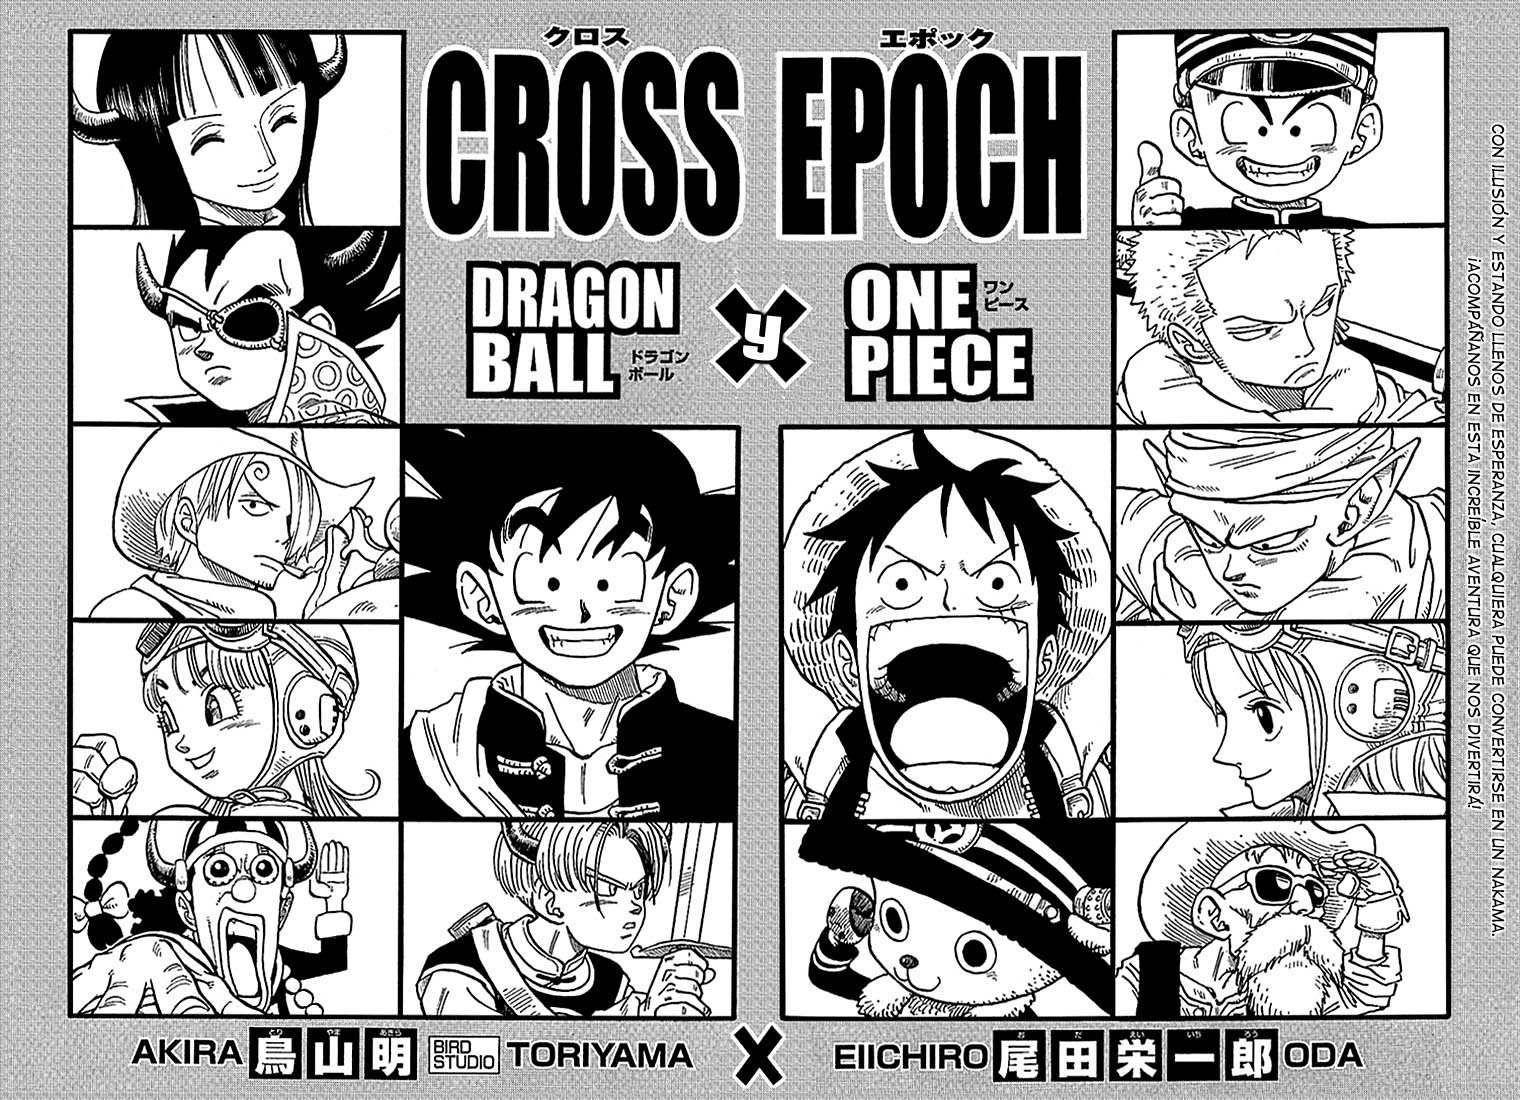 eiichirō oda one piece akira toriyama dragon ball one piece crossover akira anime crossover